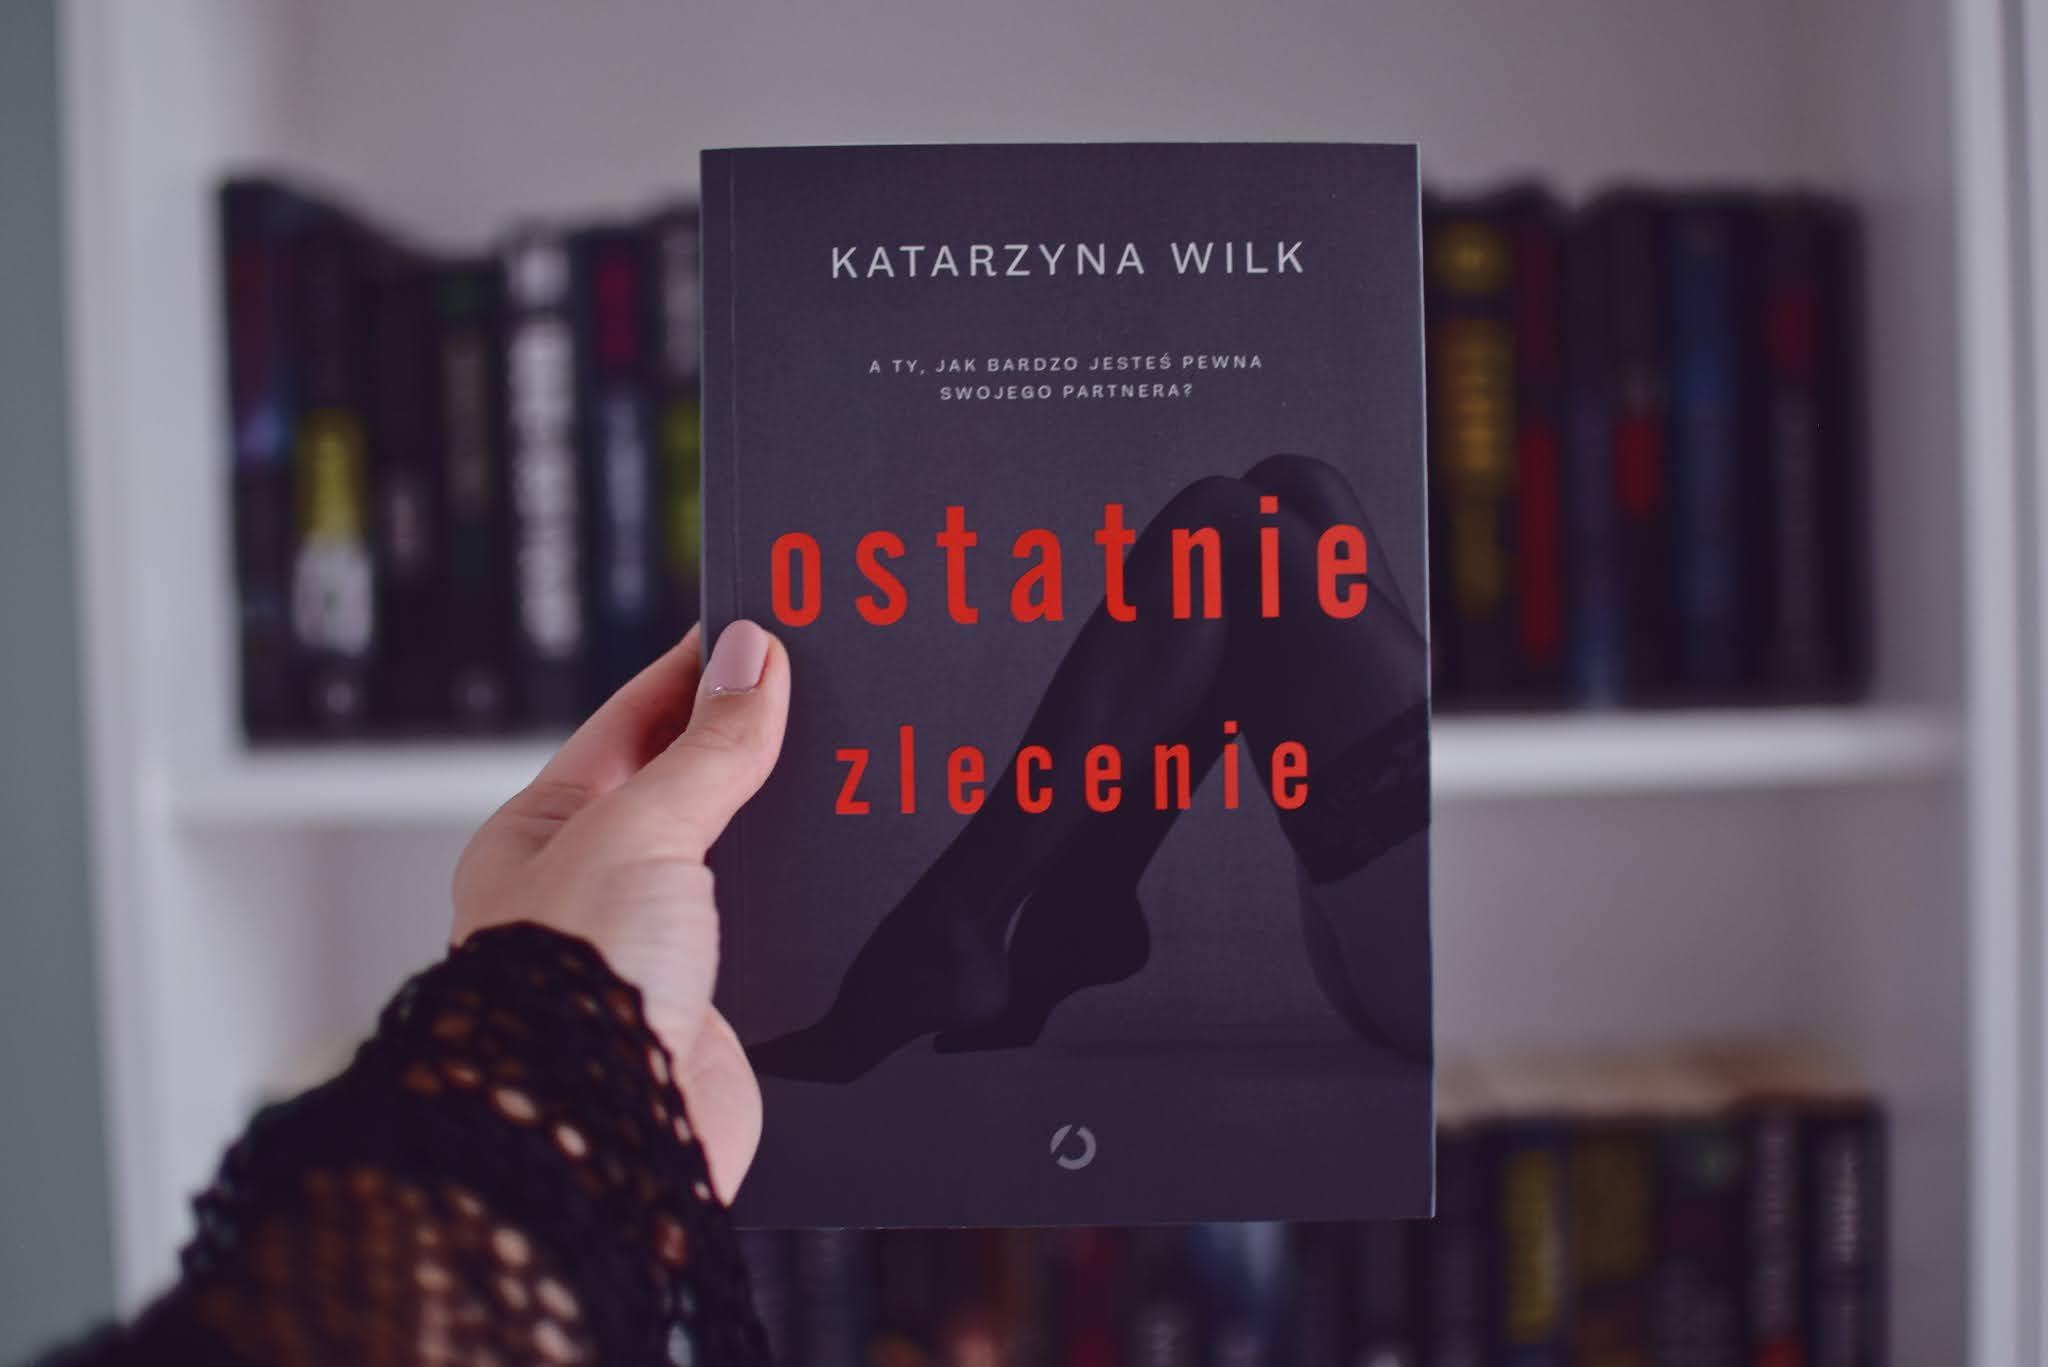 zdrada,KatarzynaWilk,recenzja,WydawnictwoOtwarte,Kraków,kobiecythriller,opowiadanie,thriller,OstatnieZlecenie,